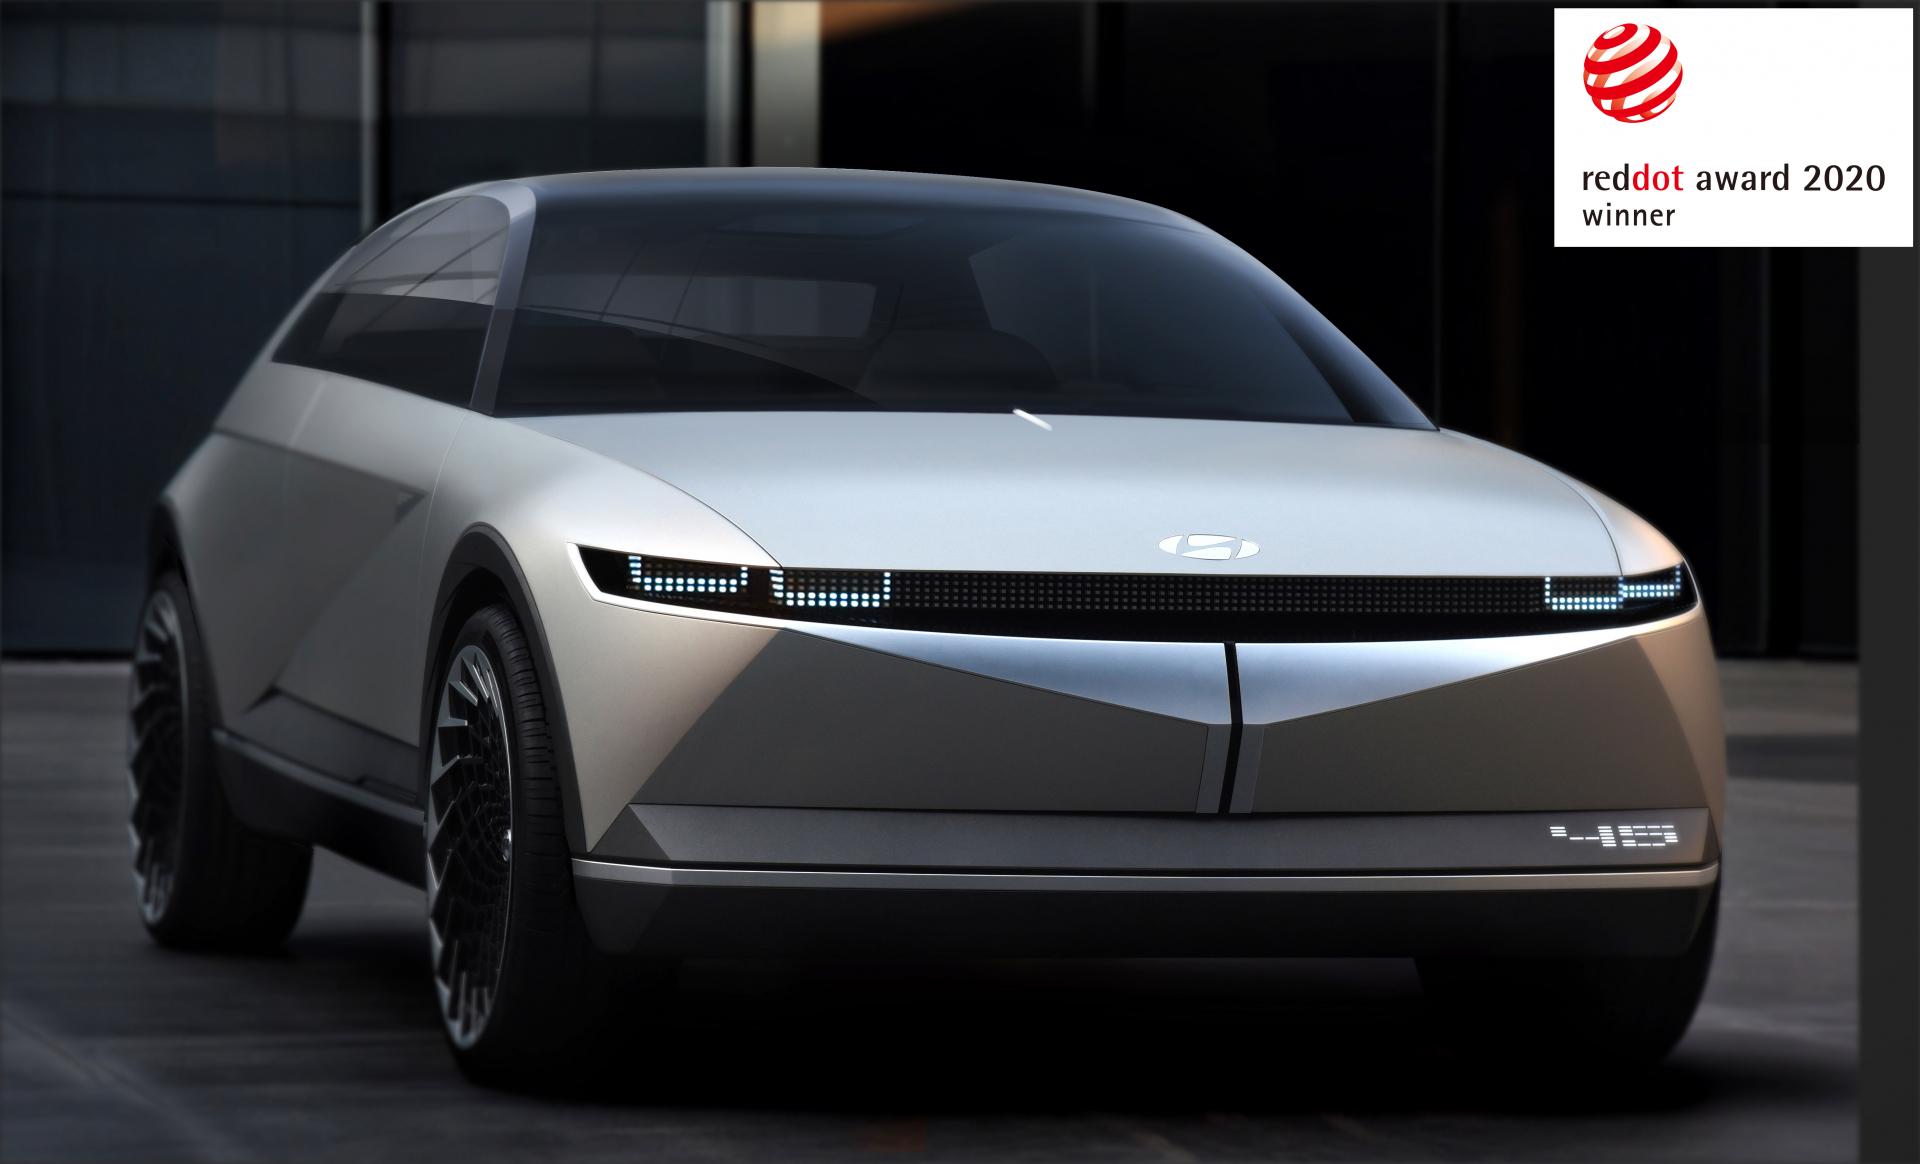 Компанія Hyundai Motor отримала три нагороди Red Dot Award 2020 за концептуальний дизайн | Паритет - фото 9